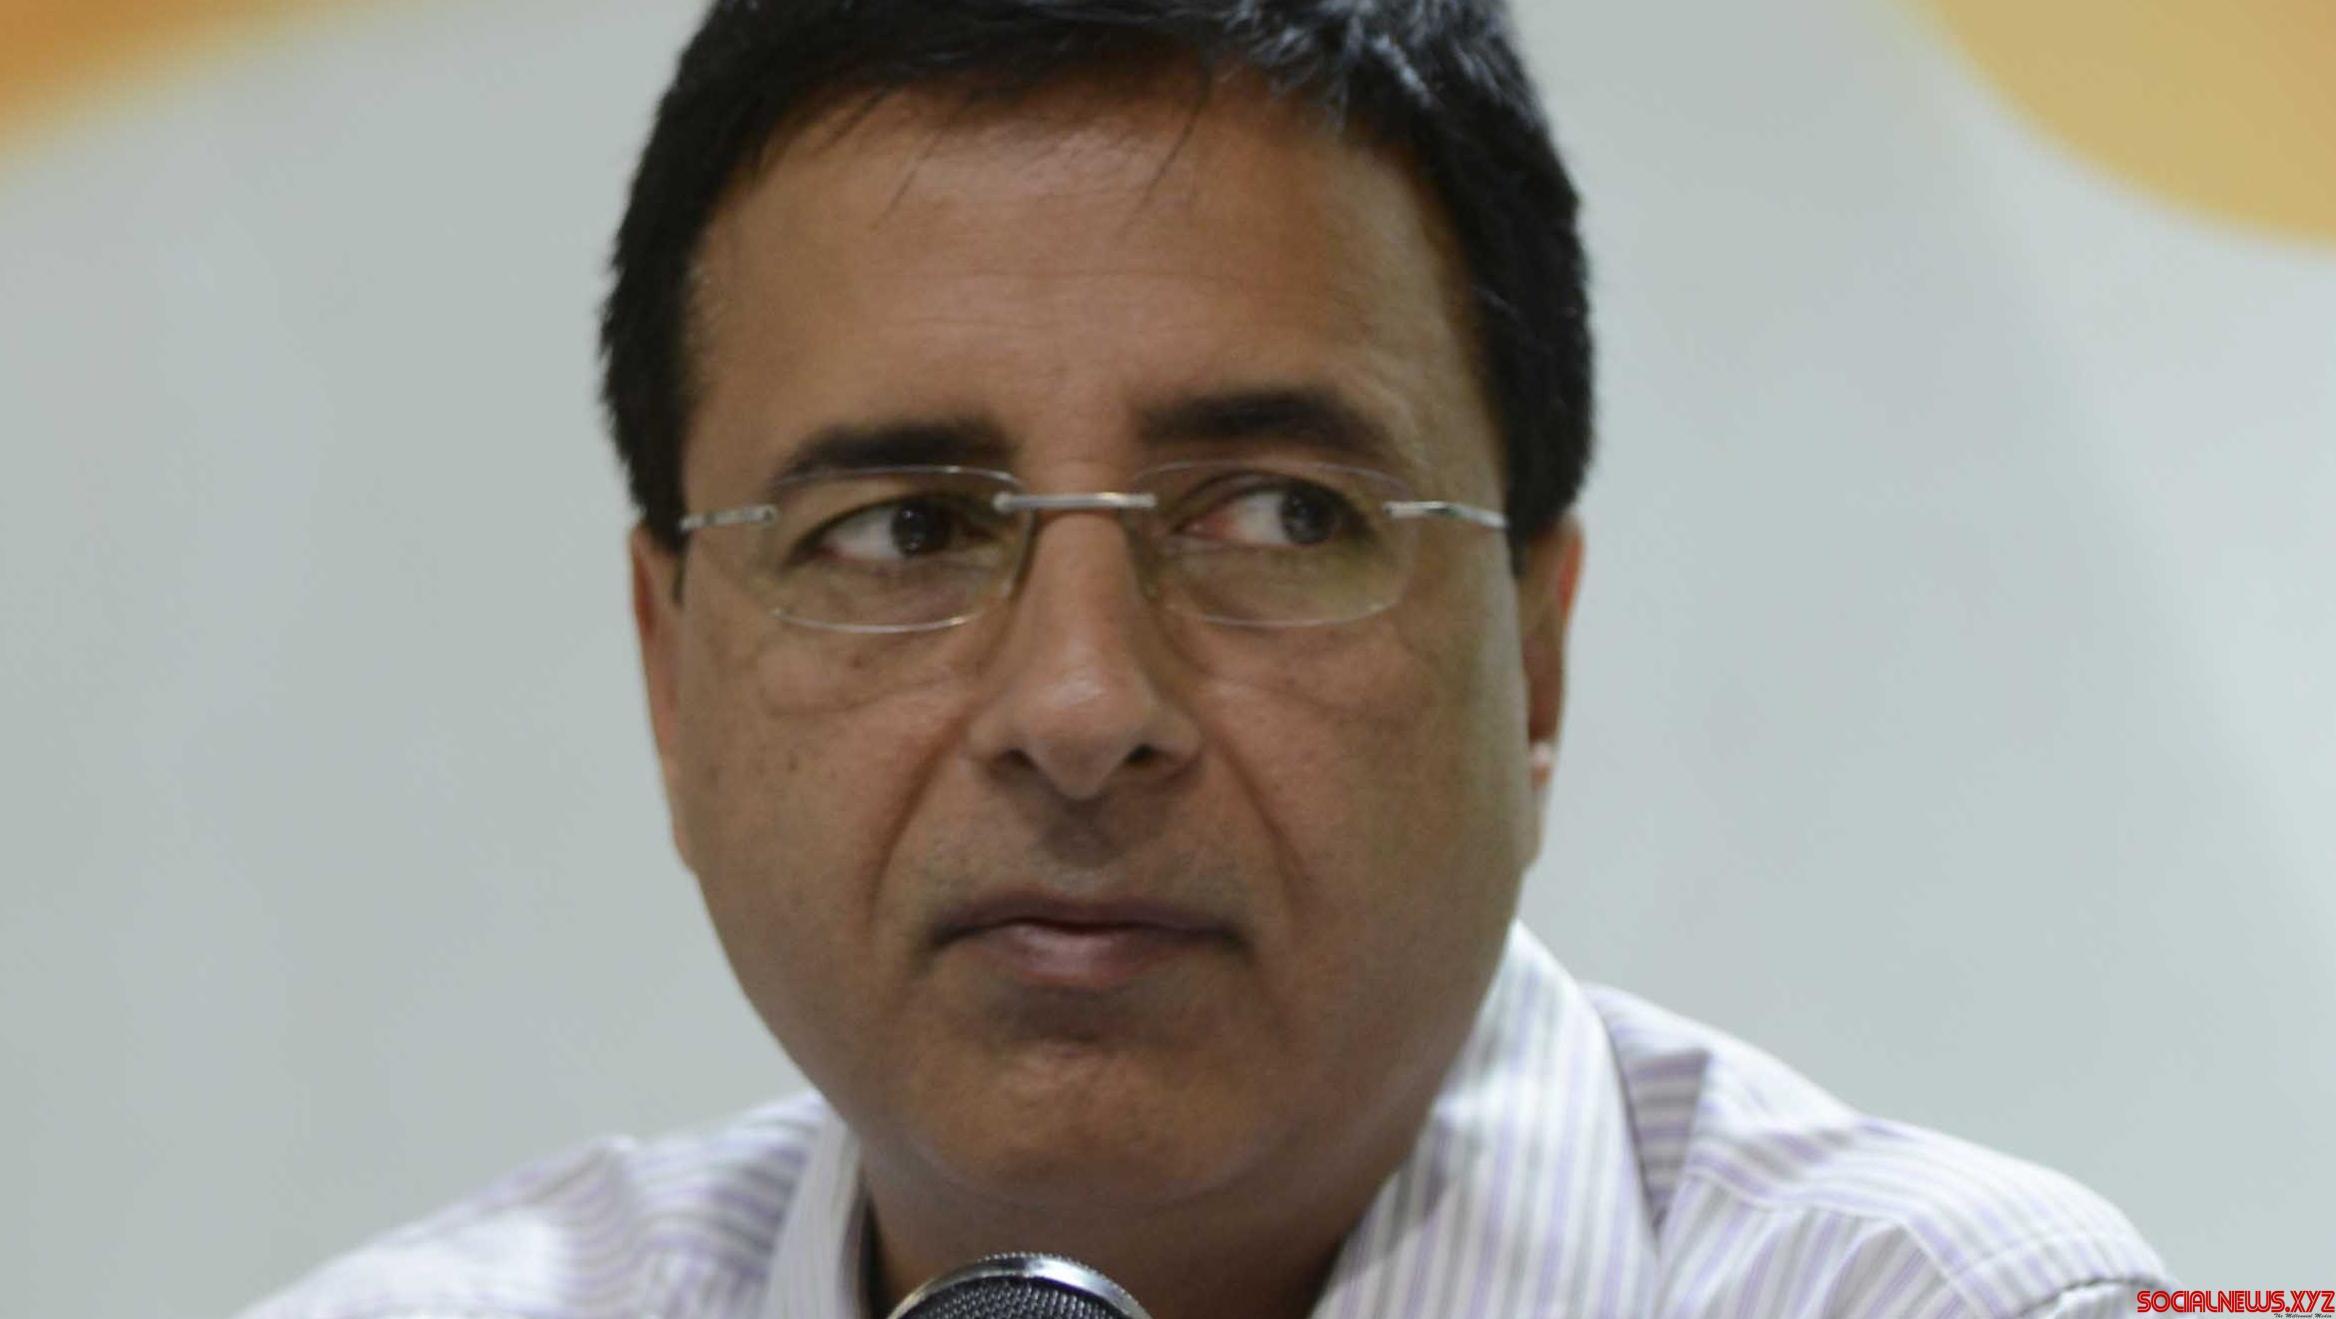 Govt cheated farmers on Kharif MSP, says Congress